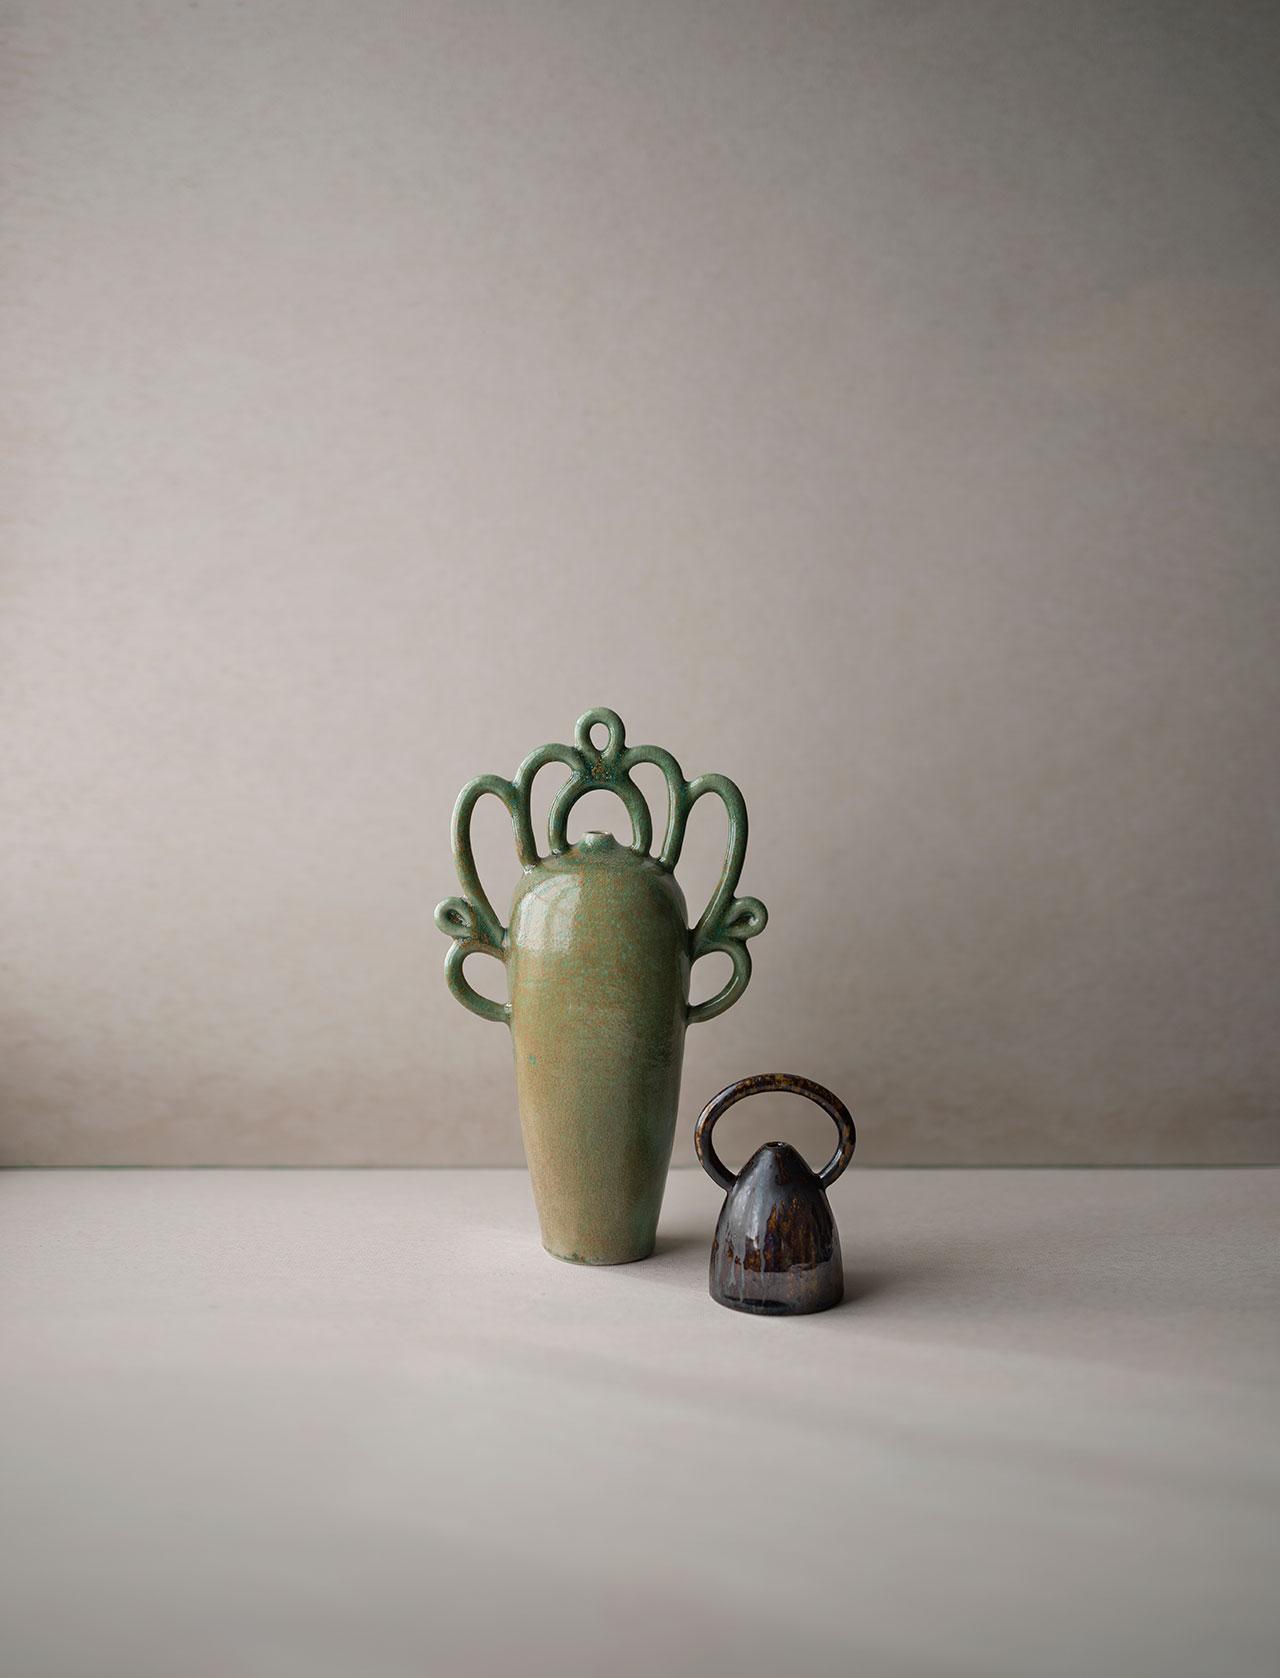 La enigmática y atemporal cerámica de Nicolette Johnson